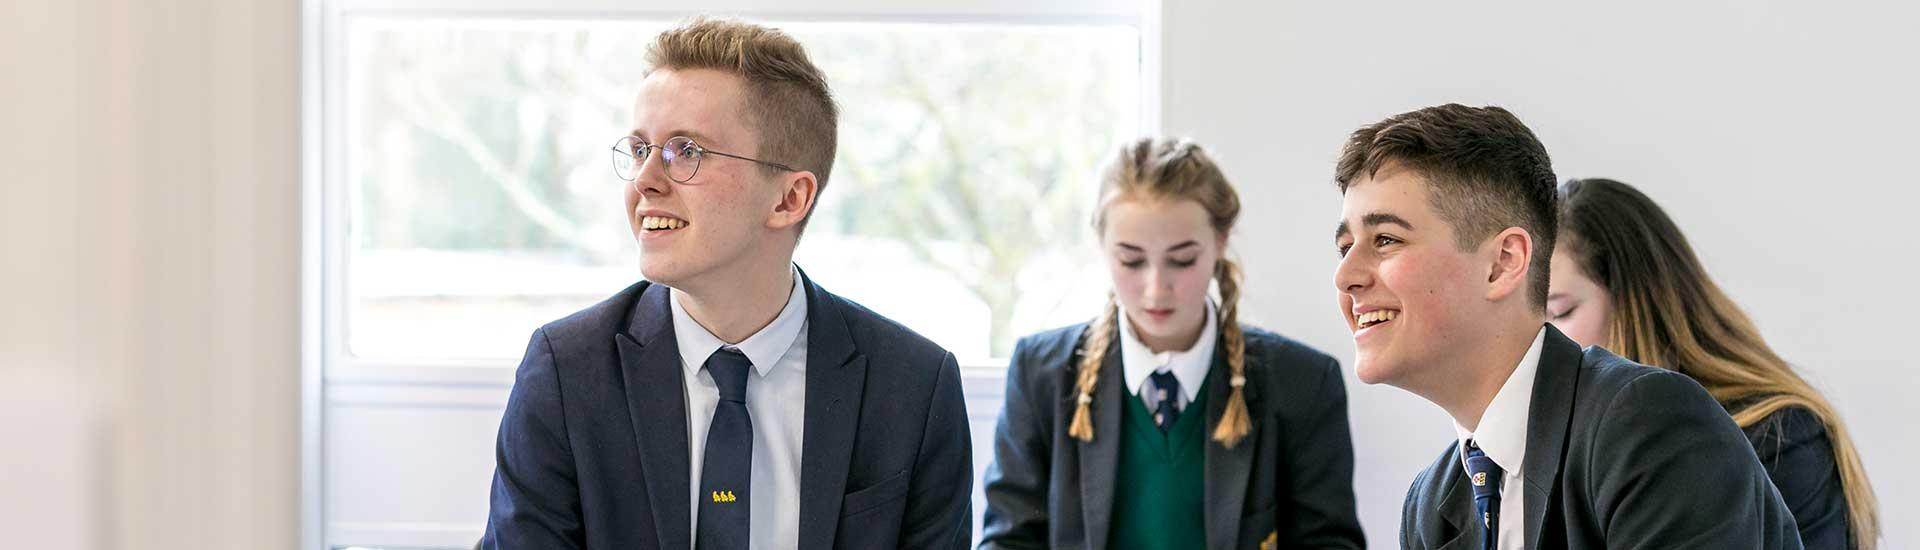 Mill Hill School - Boarding